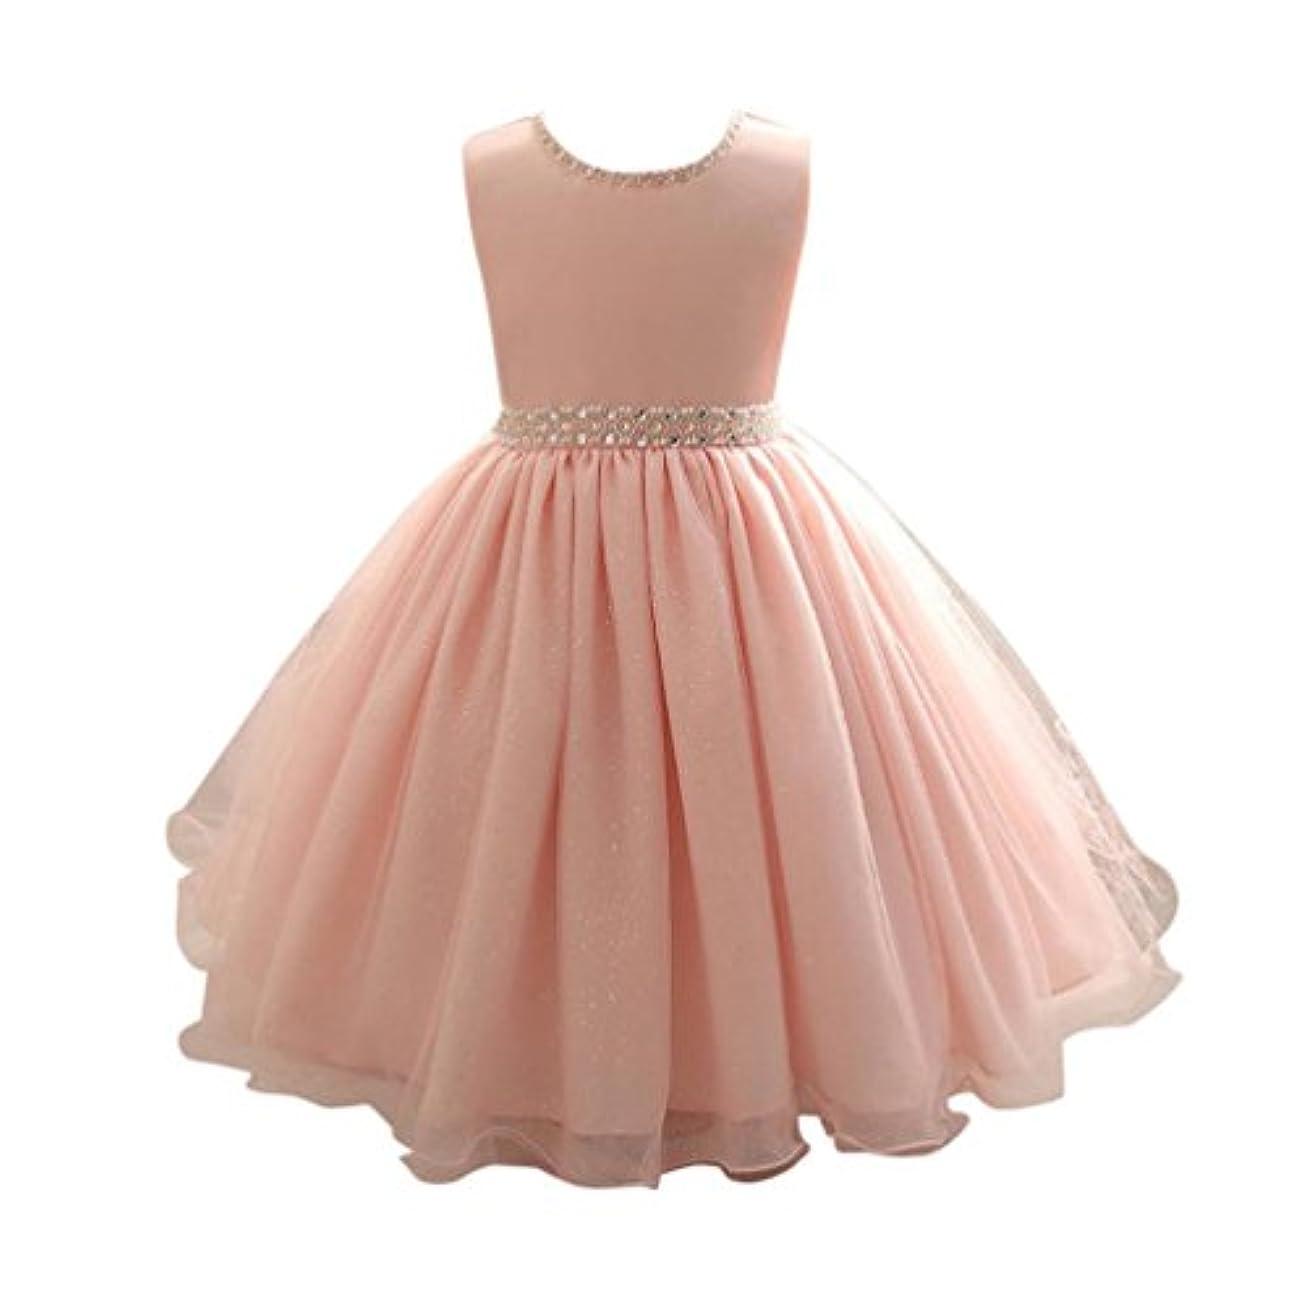 ではごきげんようウッズ休暇Mhomzawa 子供ドレス 女の子 発表会 子どもドレス 結婚式 お呼ばれ キッズ プリンセス こどもフラワーガール 花柄 子ども服